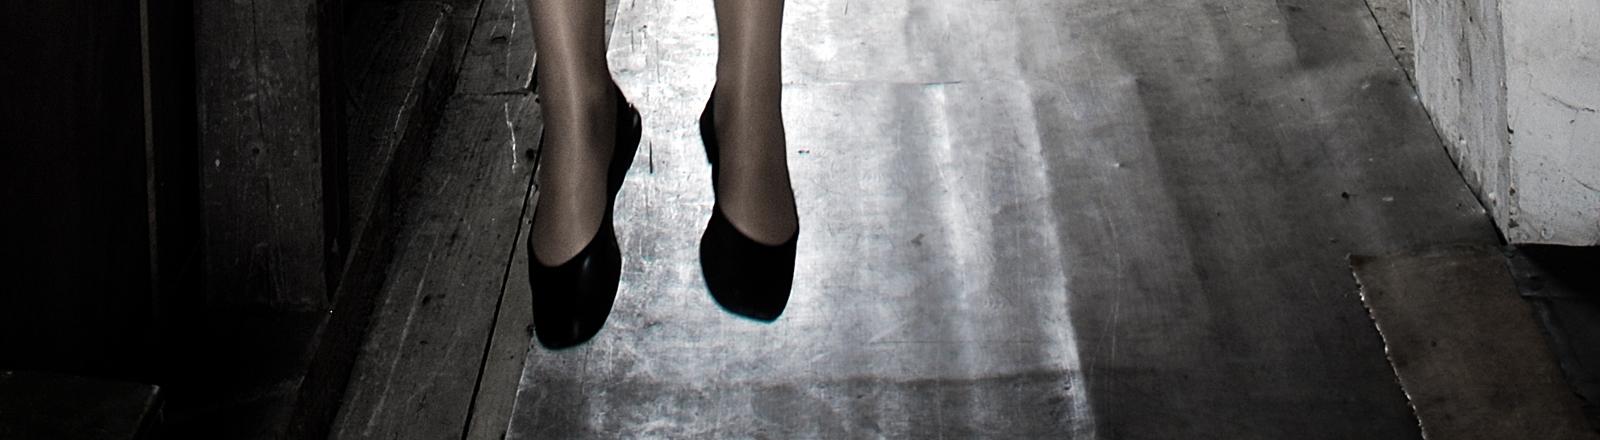 Beine einer Frau, die über dem Boden hängen